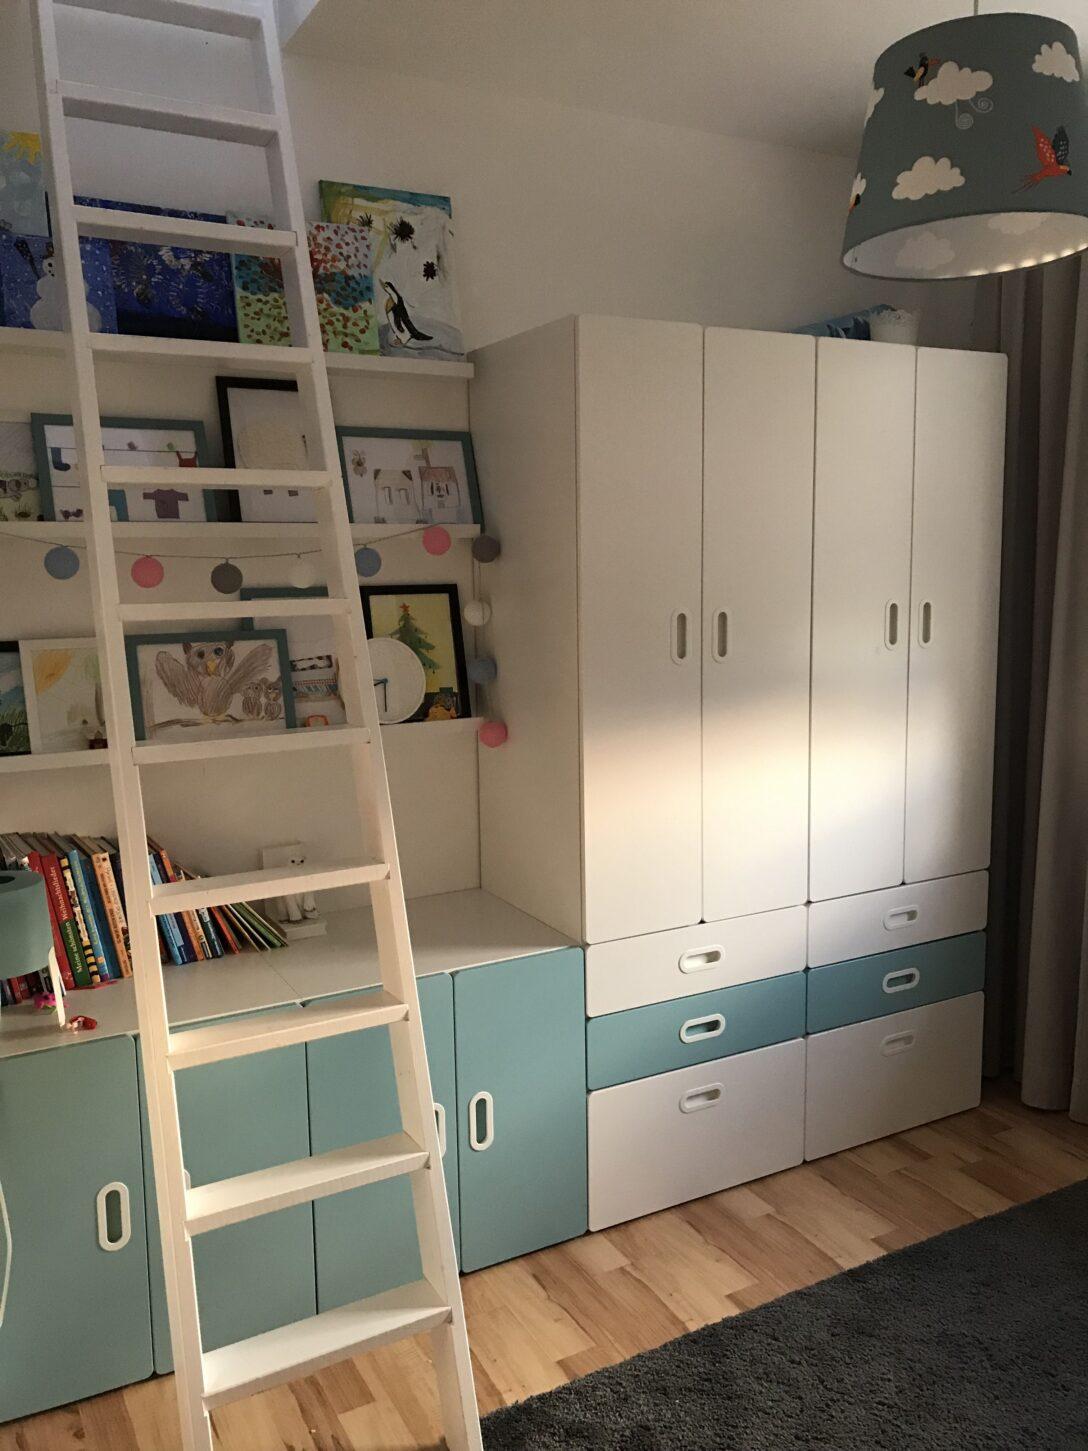 Large Size of Kinderzimmer Einrichten Junge Ikea Stuva Sofa Regal Weiß Küche Kleine Badezimmer Regale Kinderzimmer Kinderzimmer Einrichten Junge